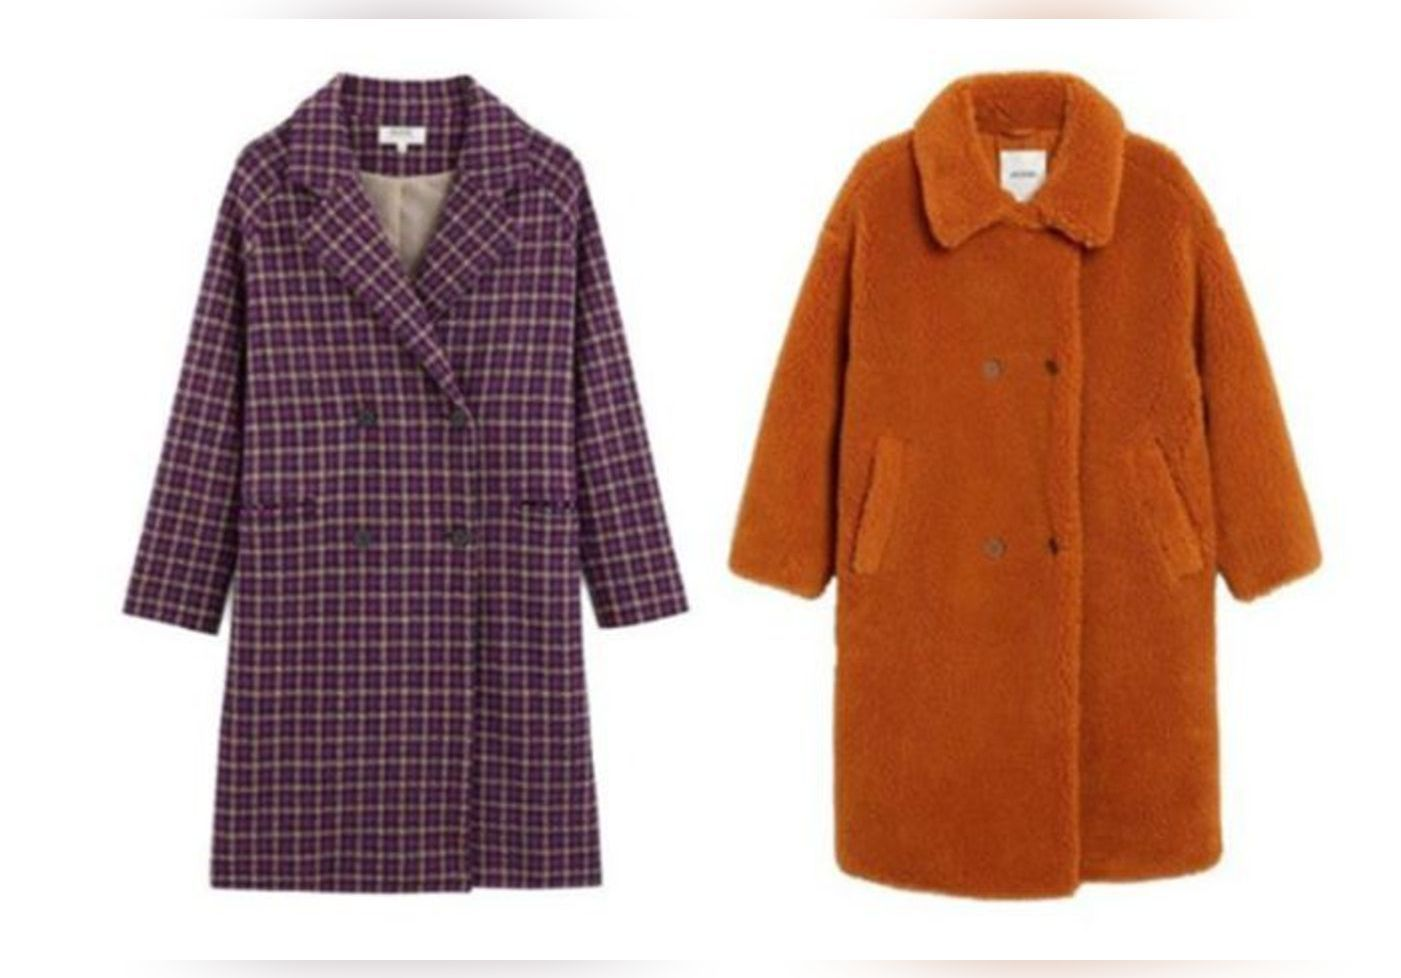 Manteaux : 10 modèles ultra désirables pour l'hiver !